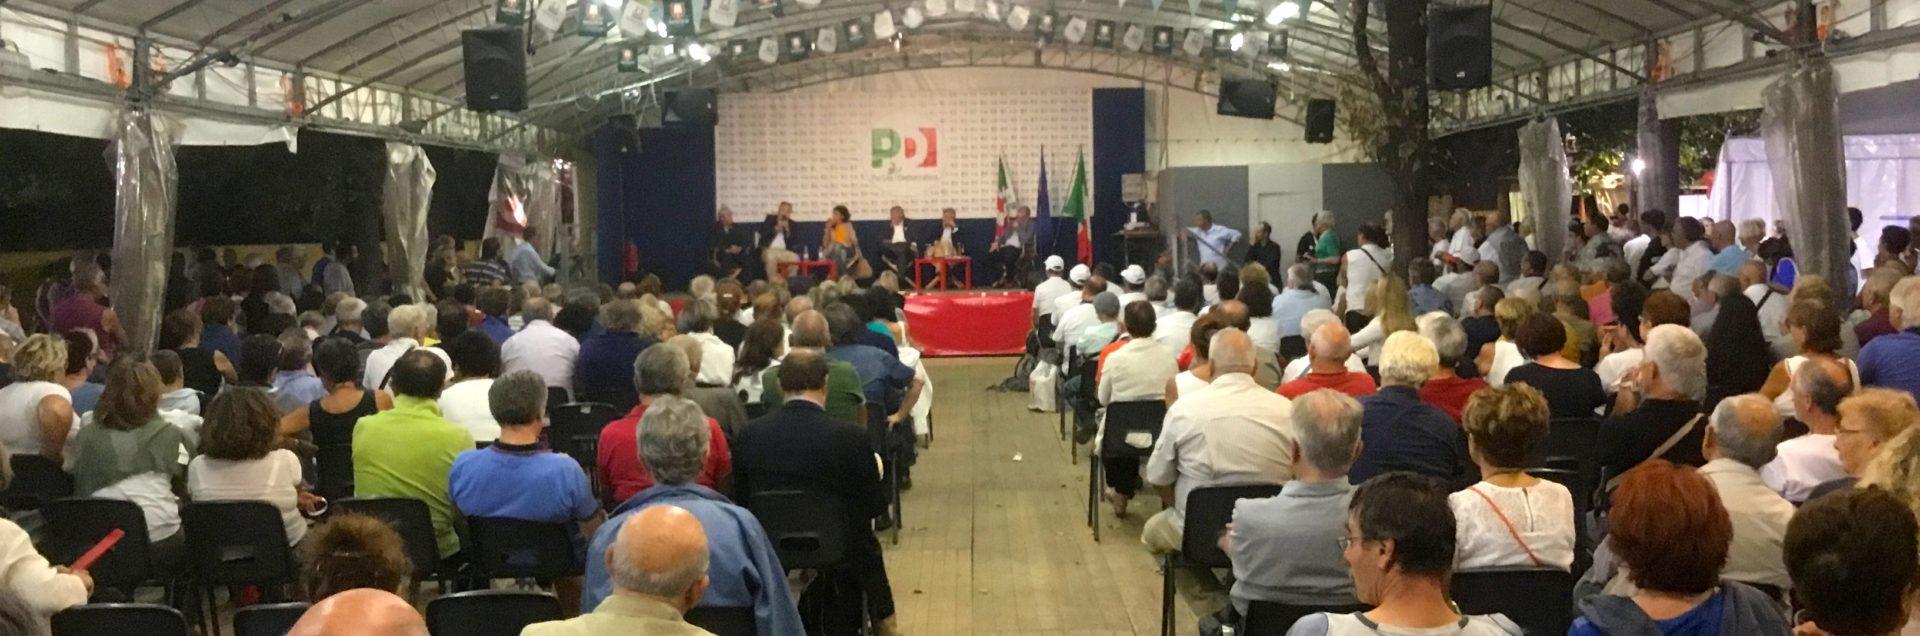 Foto Festa Unità Torino 2016 pubblico